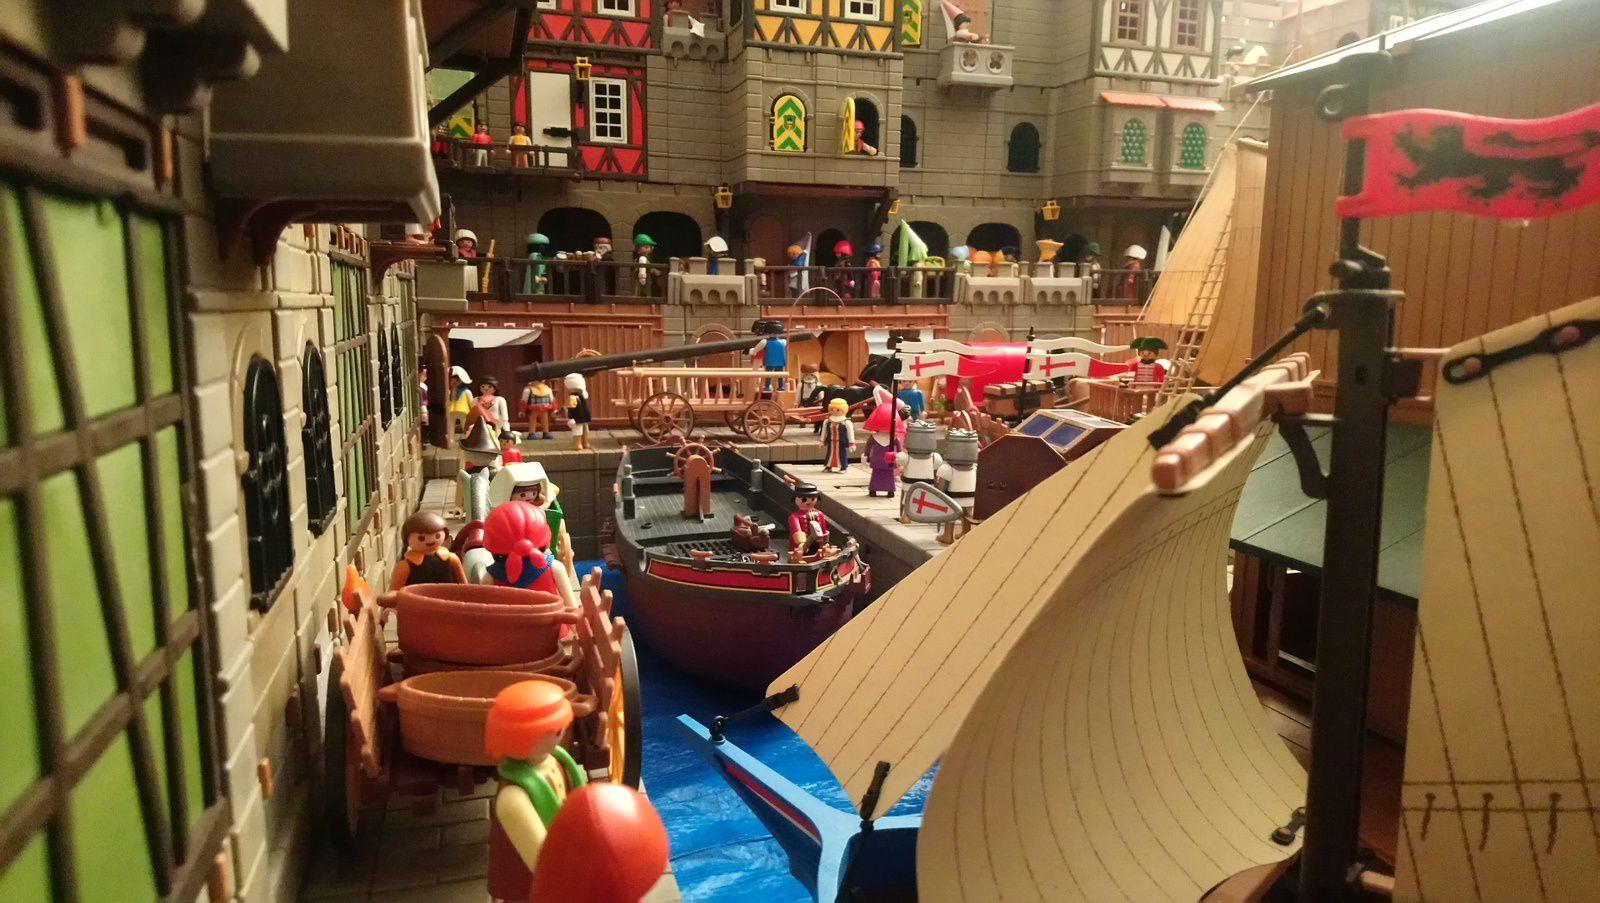 Il est difficile de circuler sur les quais, encombrés de piétons, de chariots, de charrettes, de marchandises prêtes à être chargées à bord des navires à quai